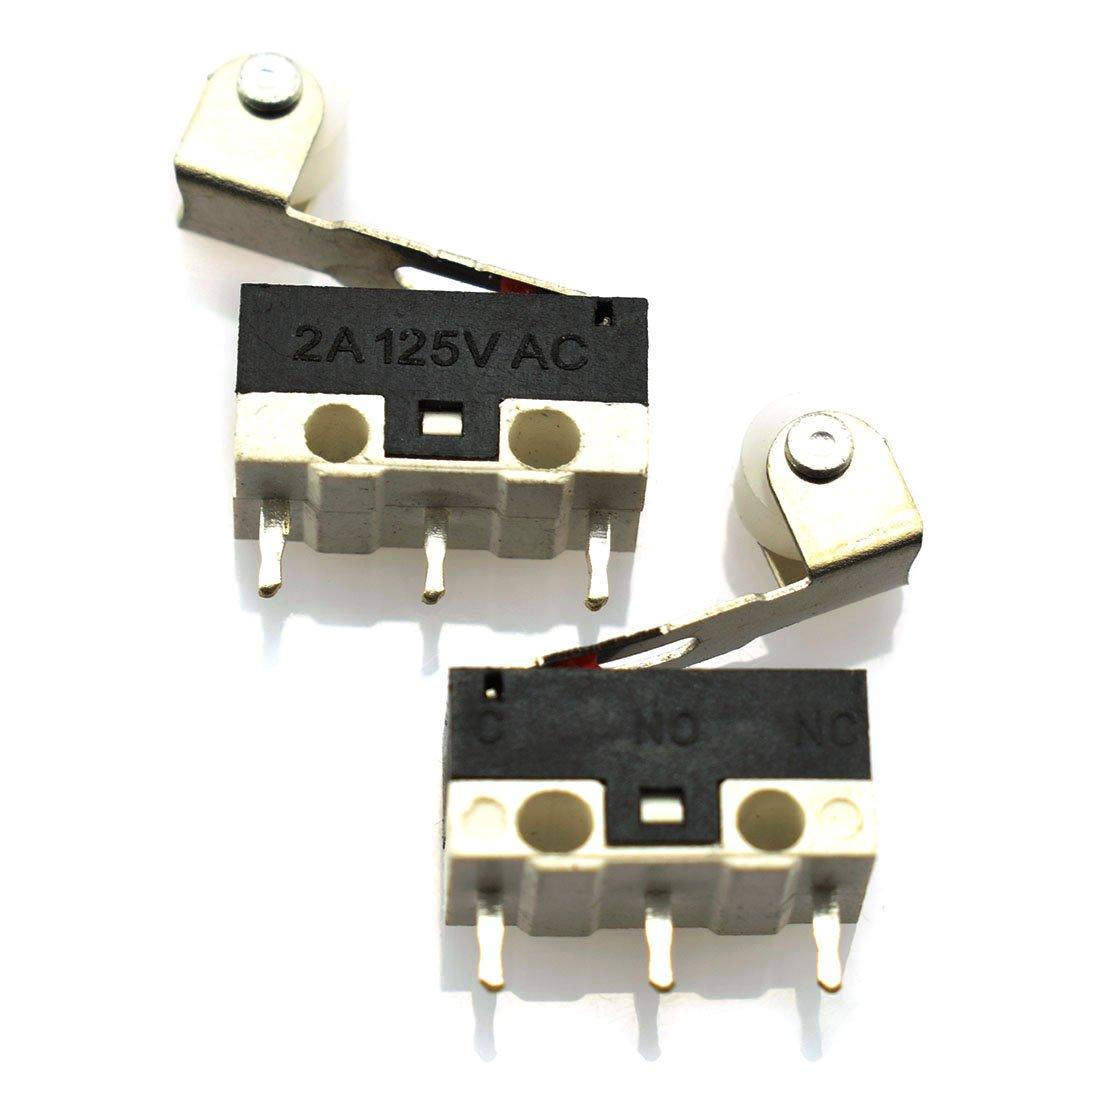 2 NEODYM RING MAGNETE D32x7 mm mit 5,5 mm BOHRUNG SENKUNG SÜD VERSCHRAUBEN 16 KG